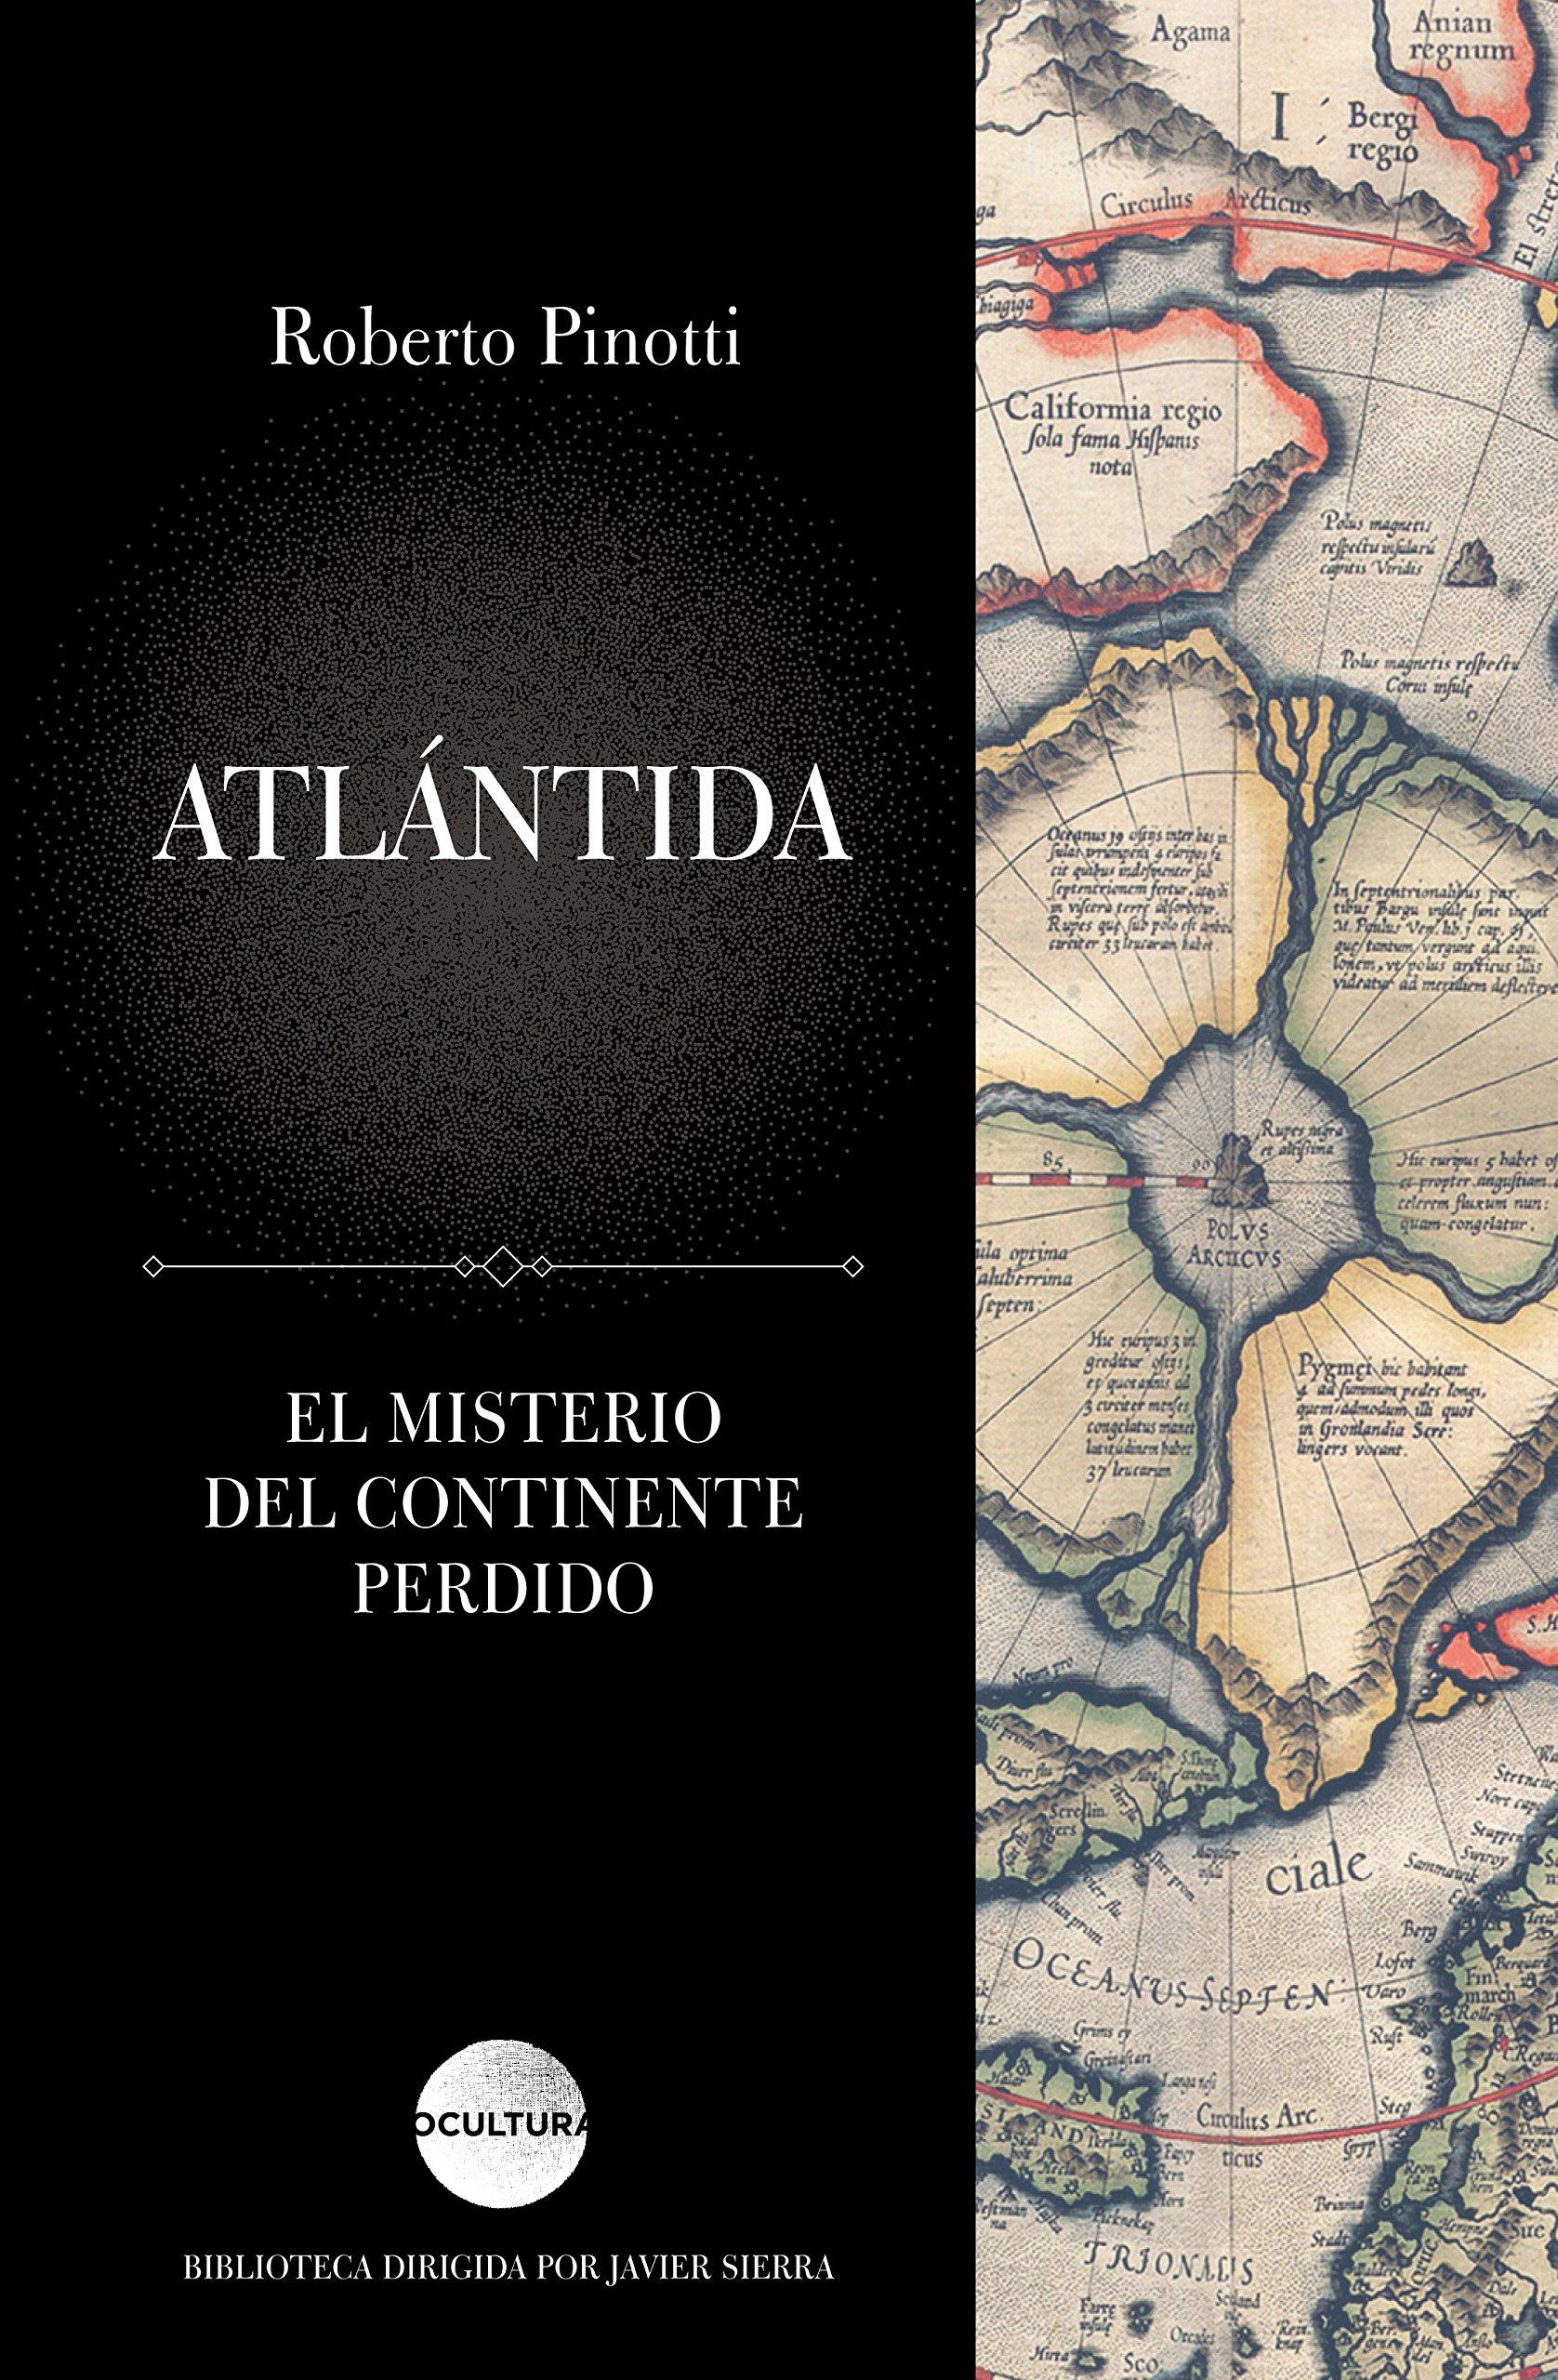 Portada libro - Atlántida: El misterio del continente perdido